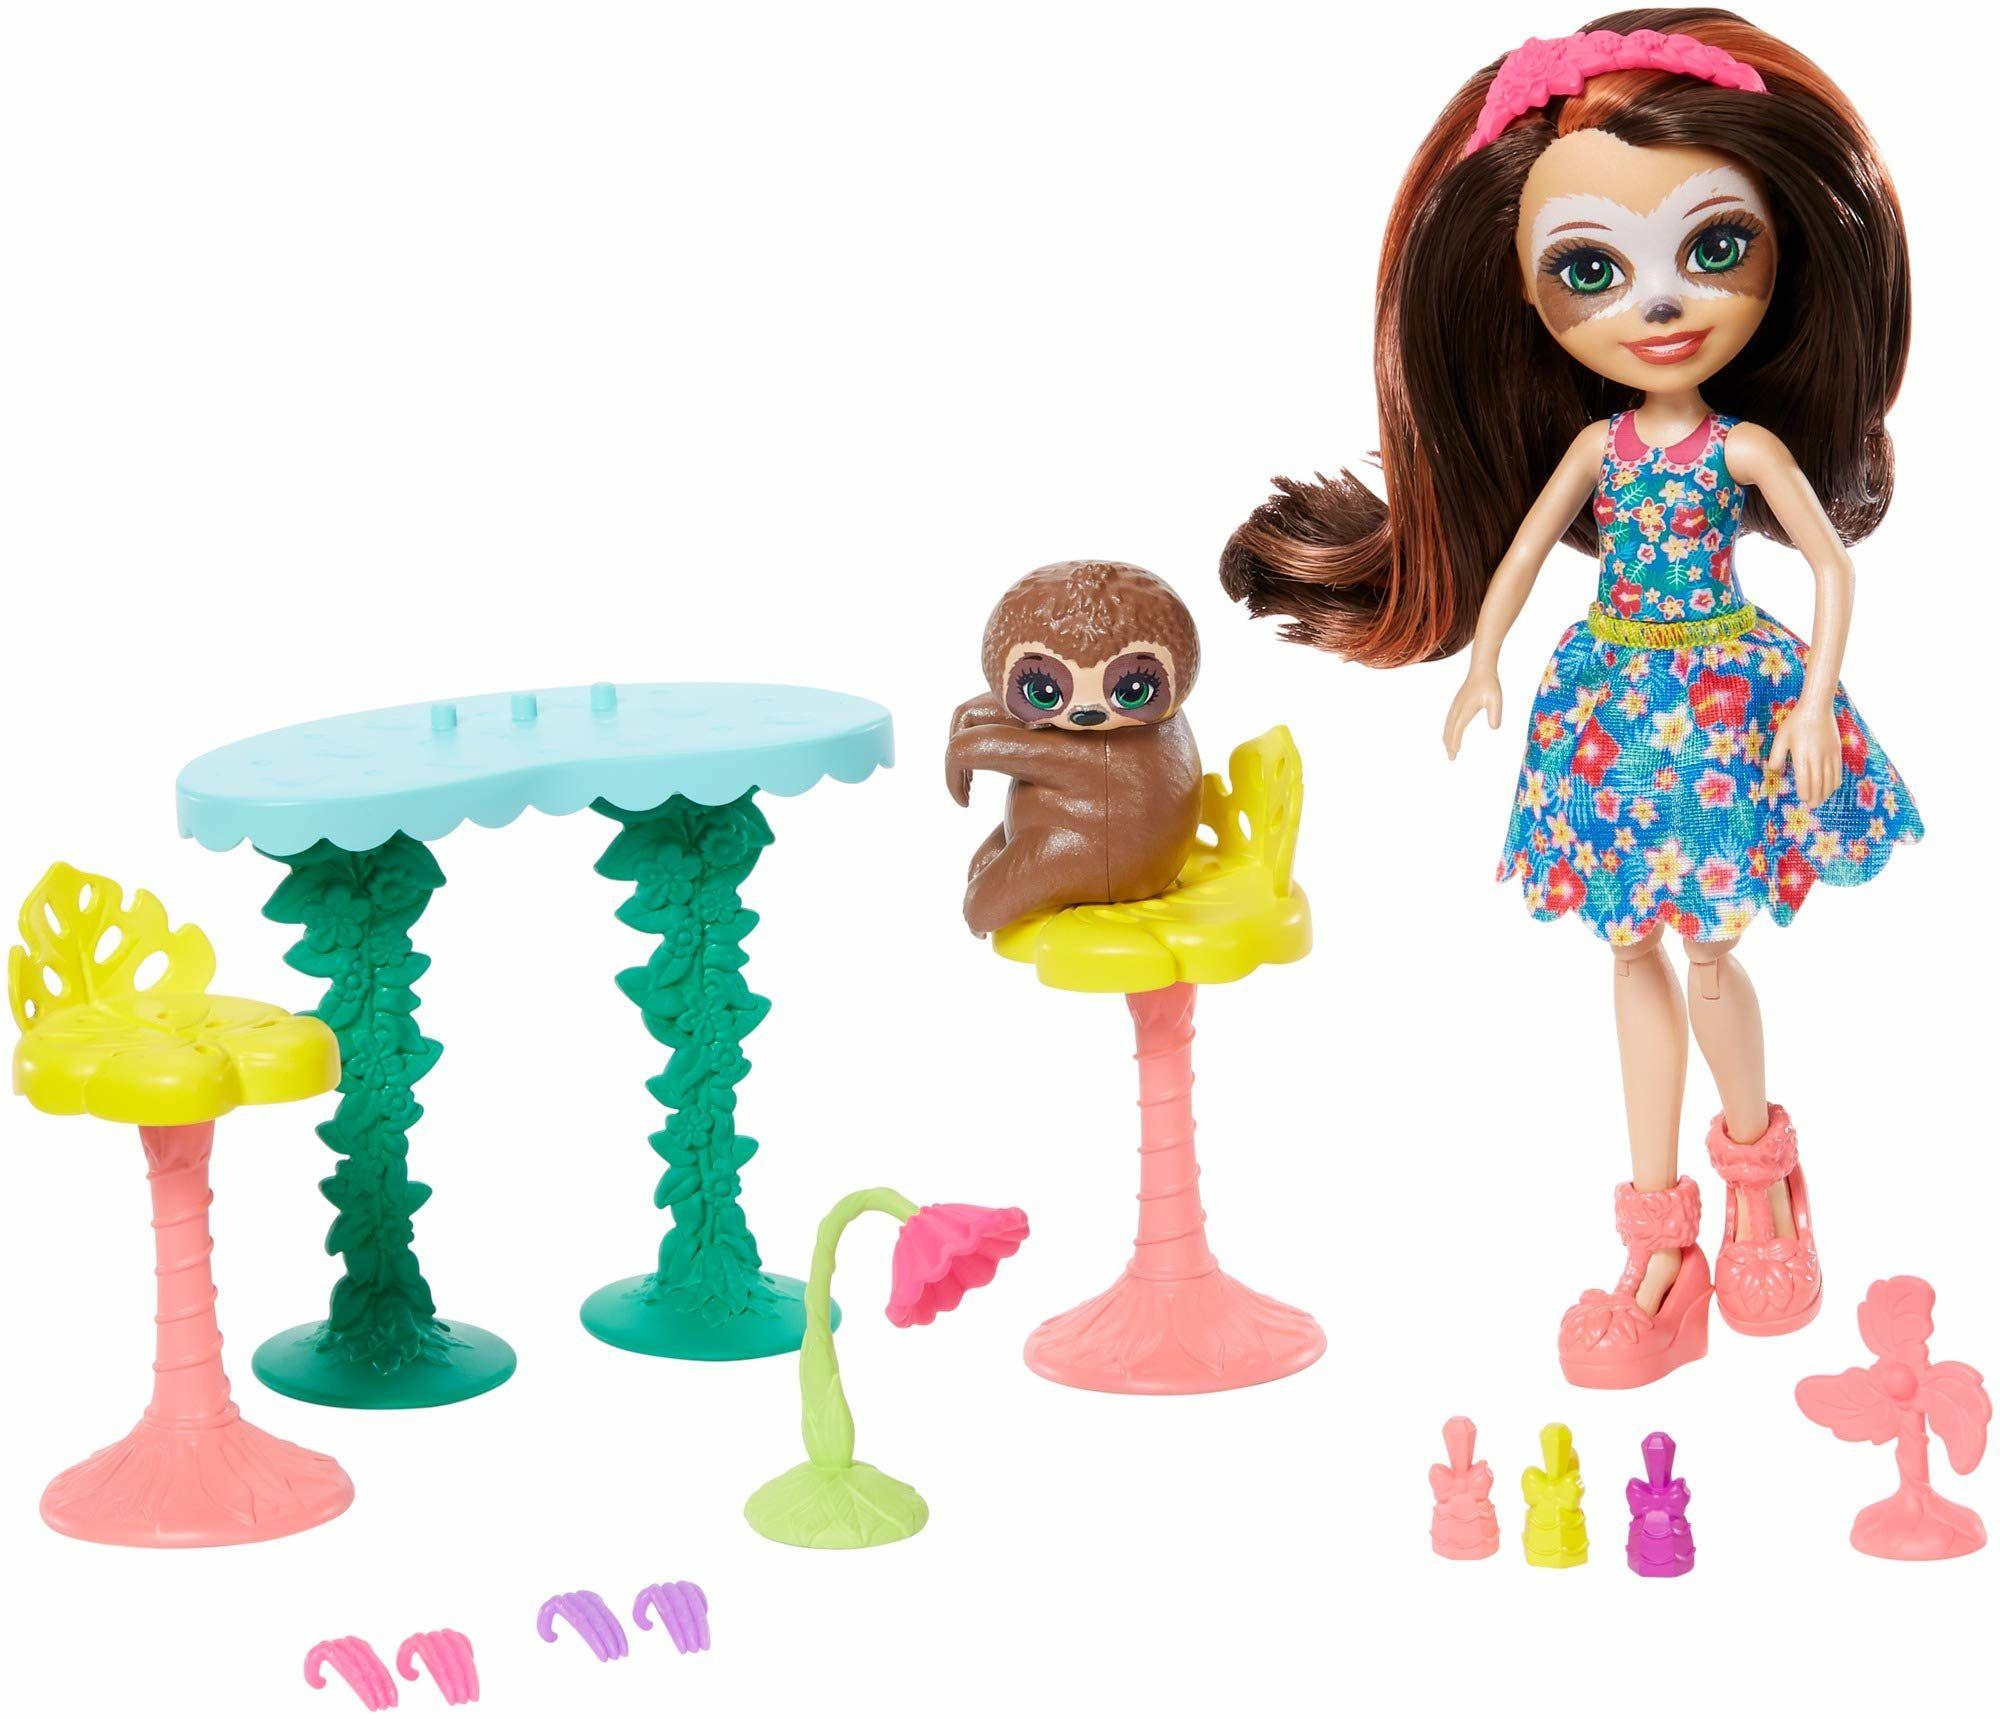 Enchantimals GFN54  zestaw tematyczny Sela Sloth i Treebody mały odpoczynek studio paznokci lalki zestaw zabawek, zabawka dla dzieci od 4 lat